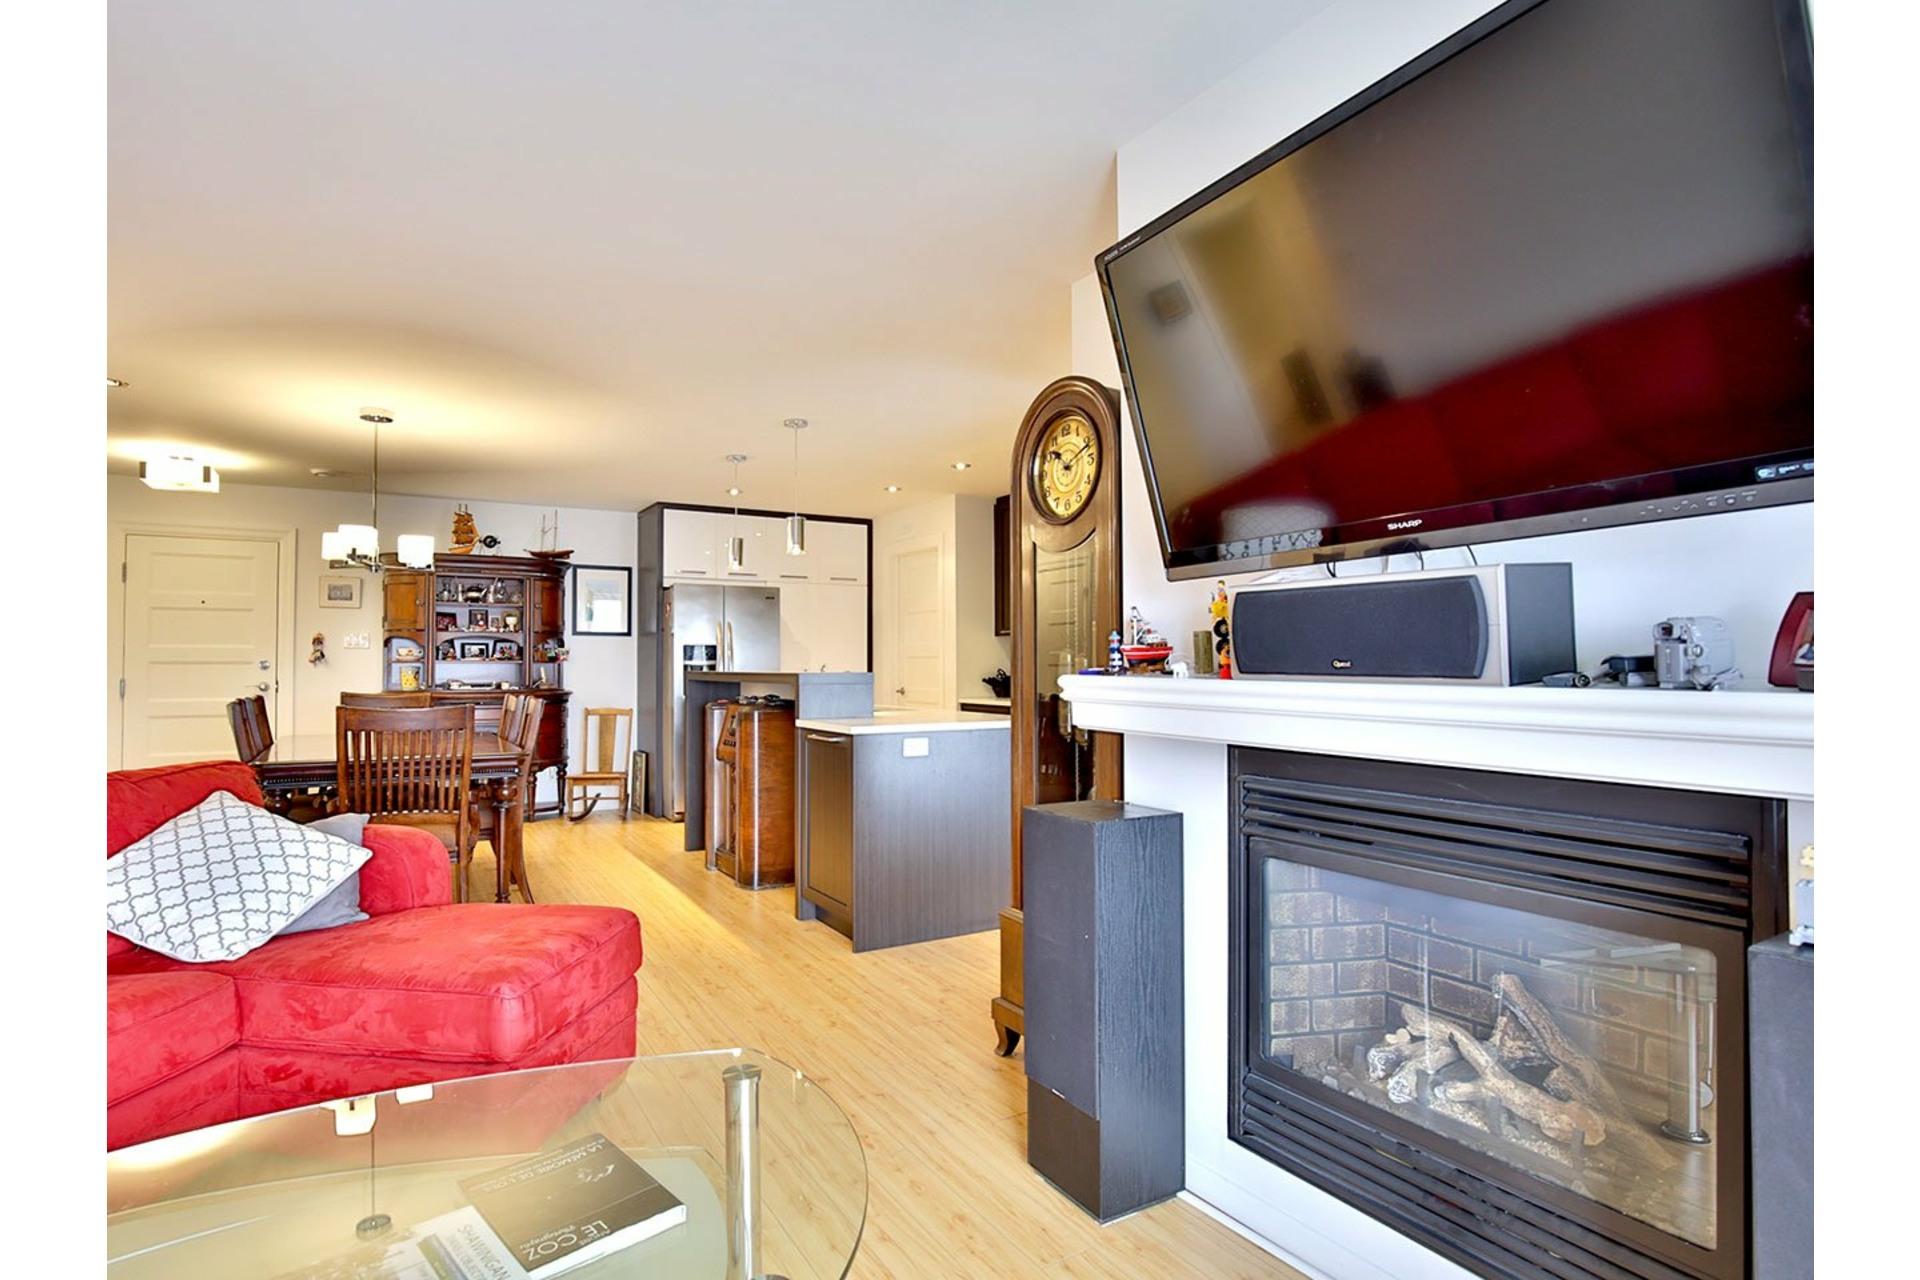 image 10 - Appartement À vendre Varennes - 5 pièces